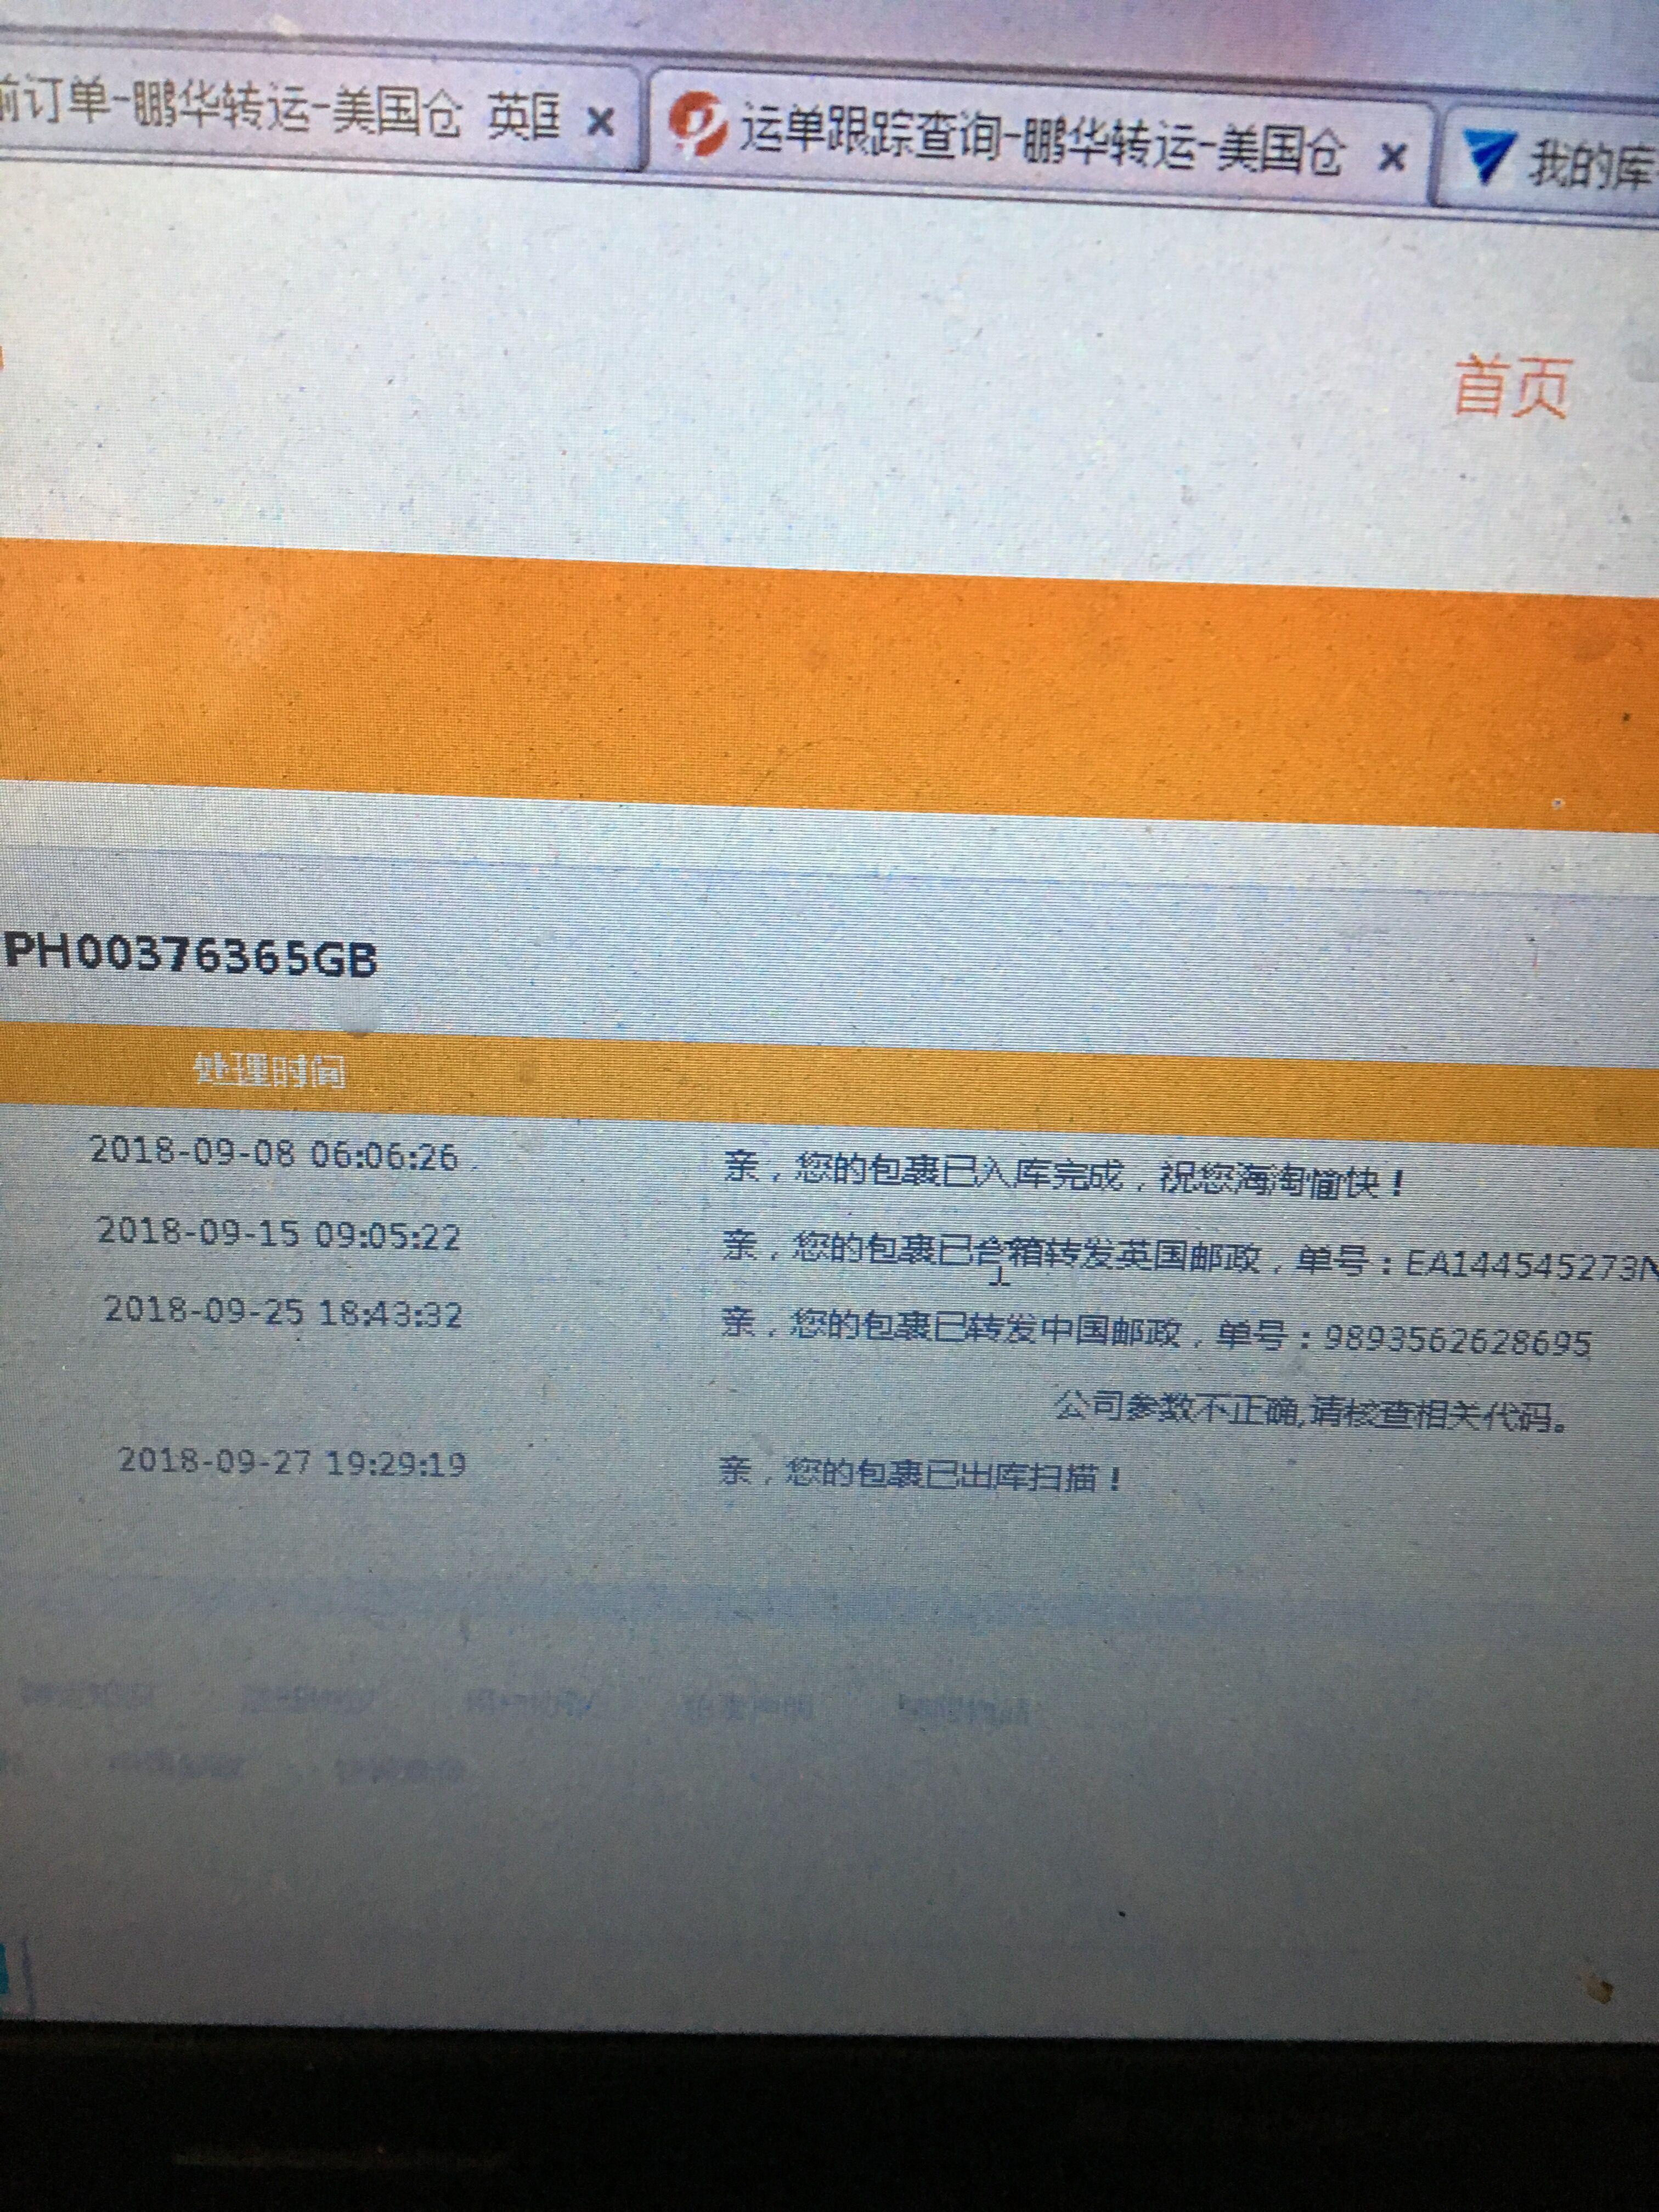 鹏华快递物流 (2).jpg